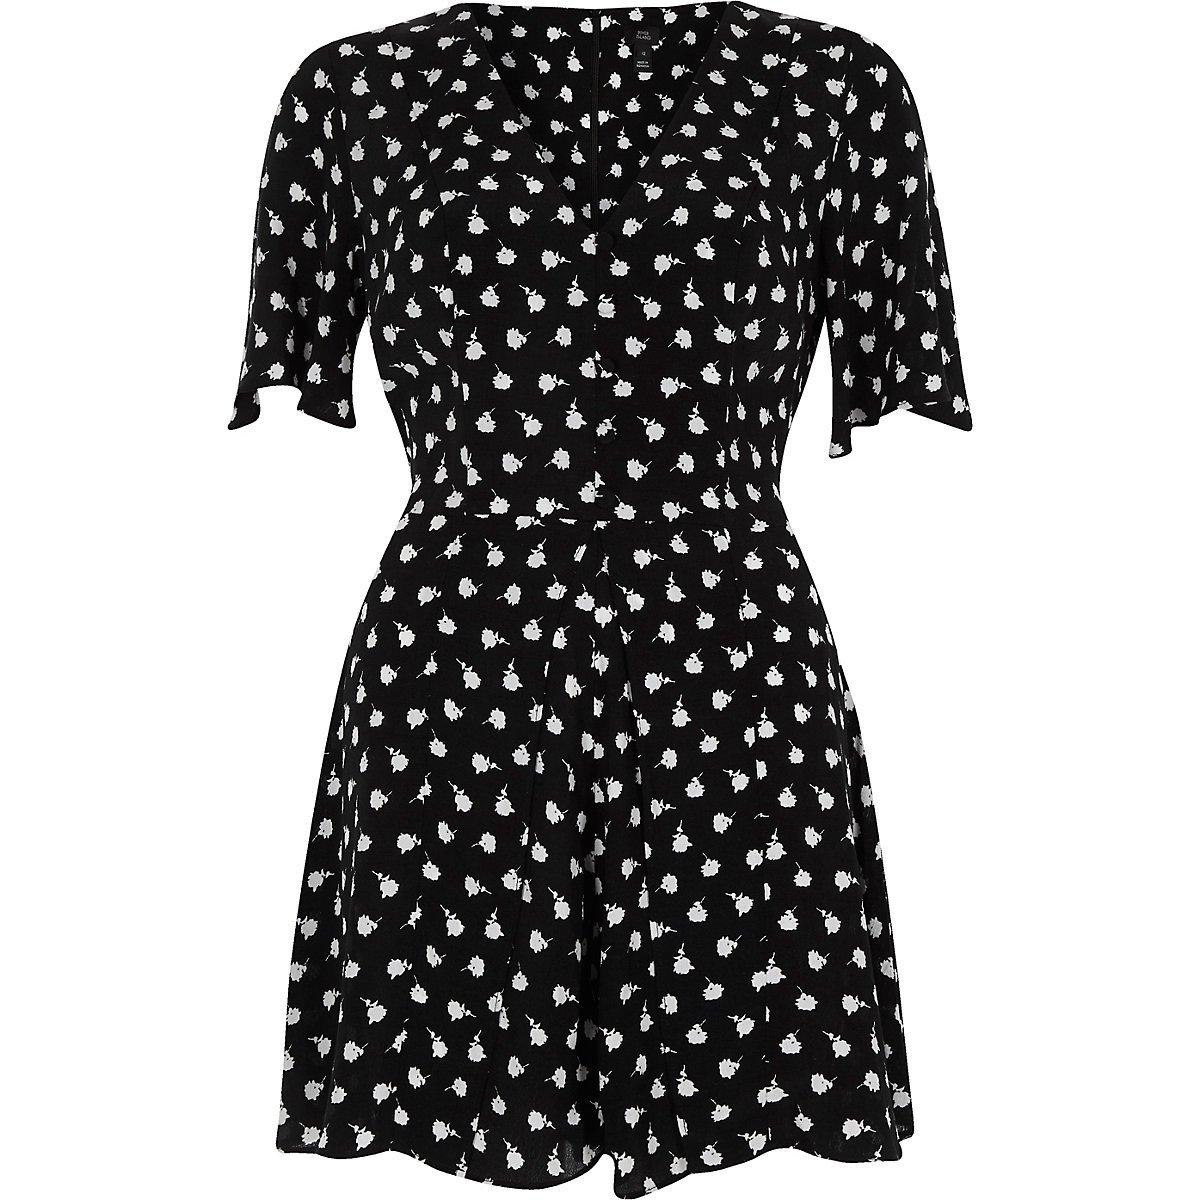 Black leaf print skort romper - Rompers - Rompers & Jumpsuits - women